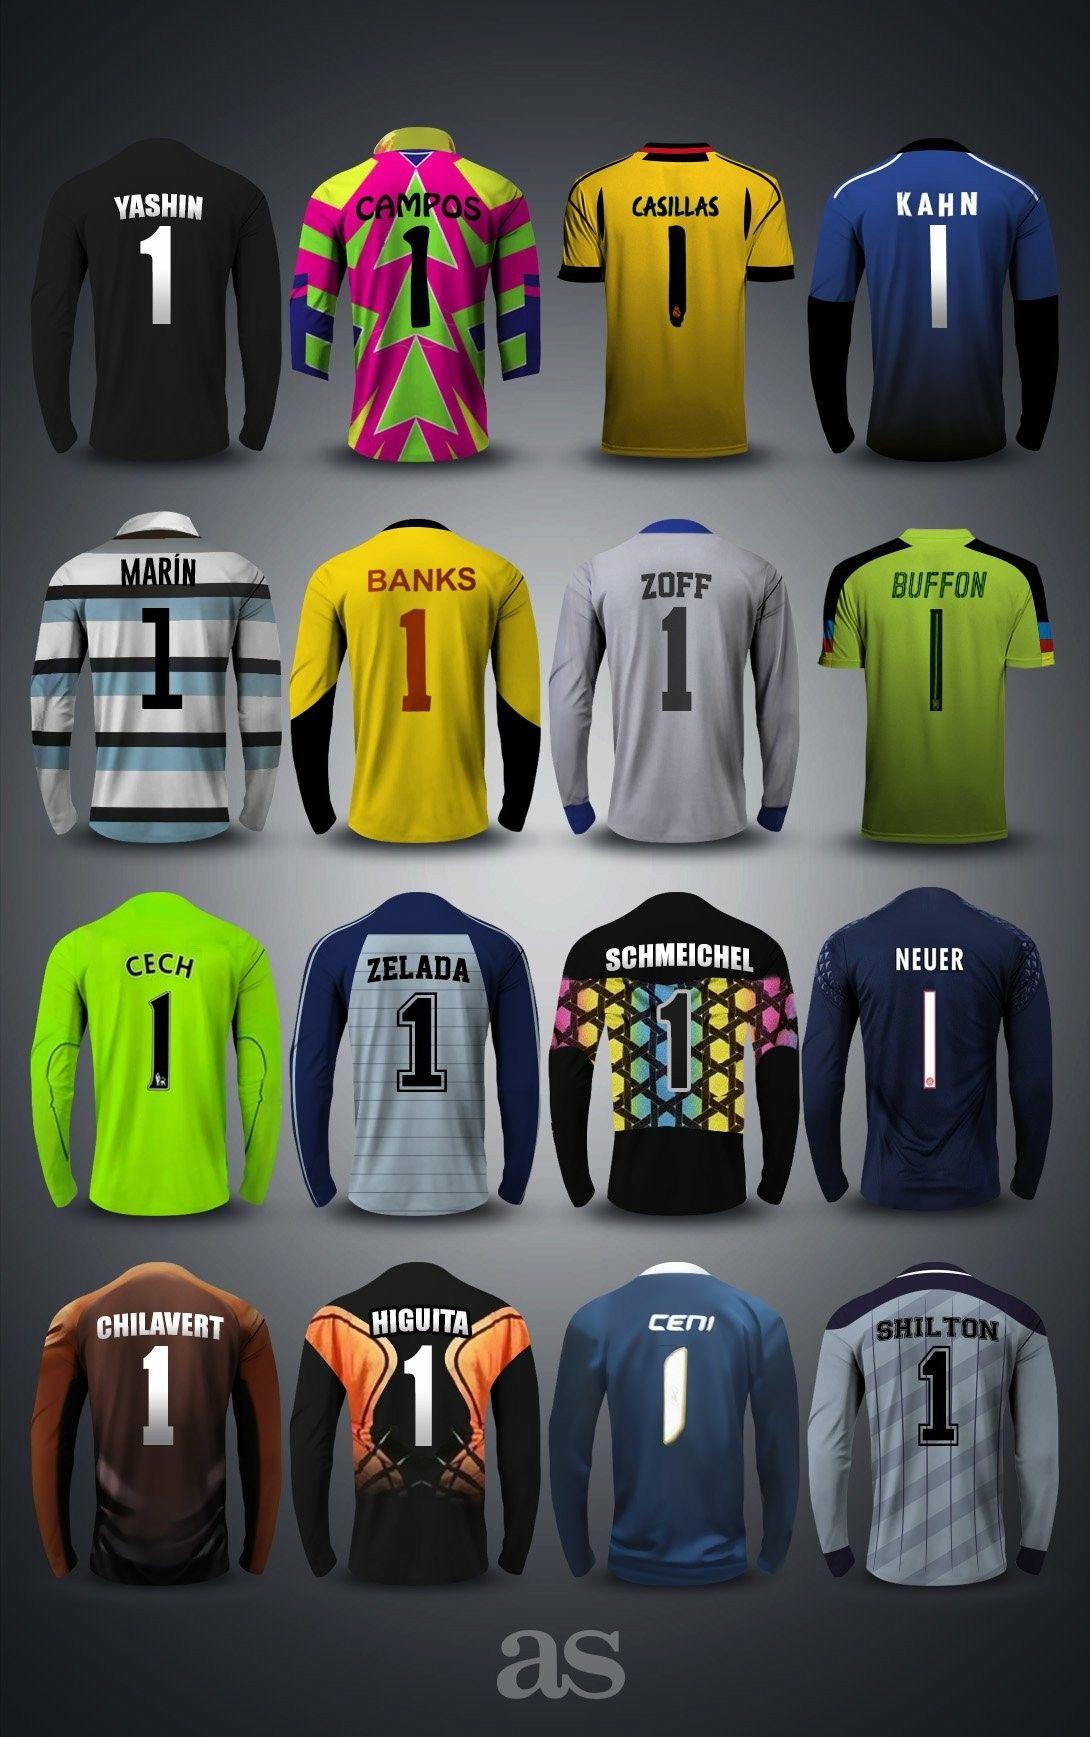 Grandes Guantes De Futbol Camisetas De Arquero Arquero De Futbol